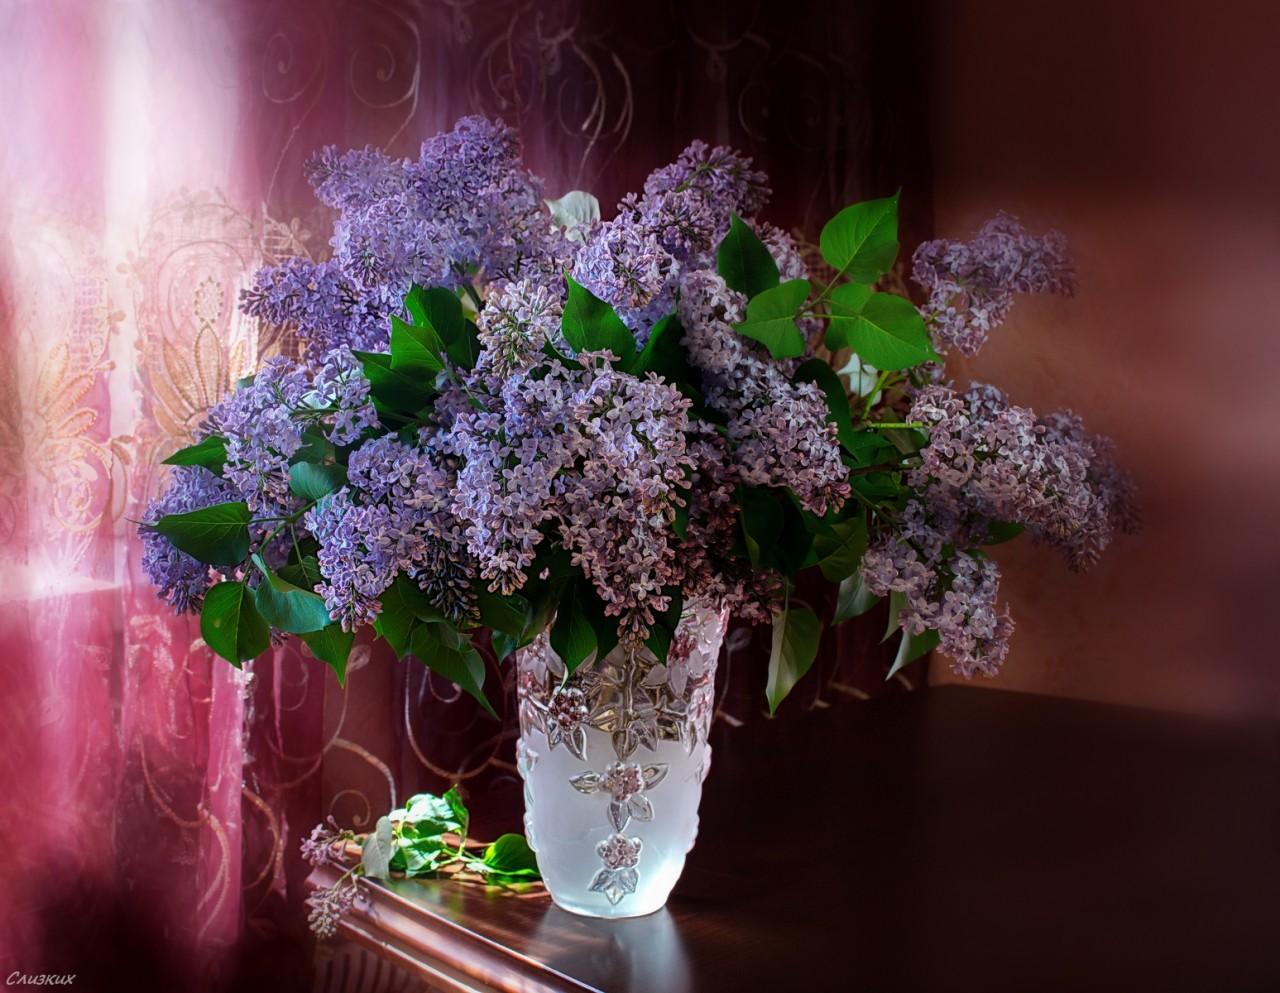 Симфонии нежного утра, Сонаты расцветшей сирени... Фотография